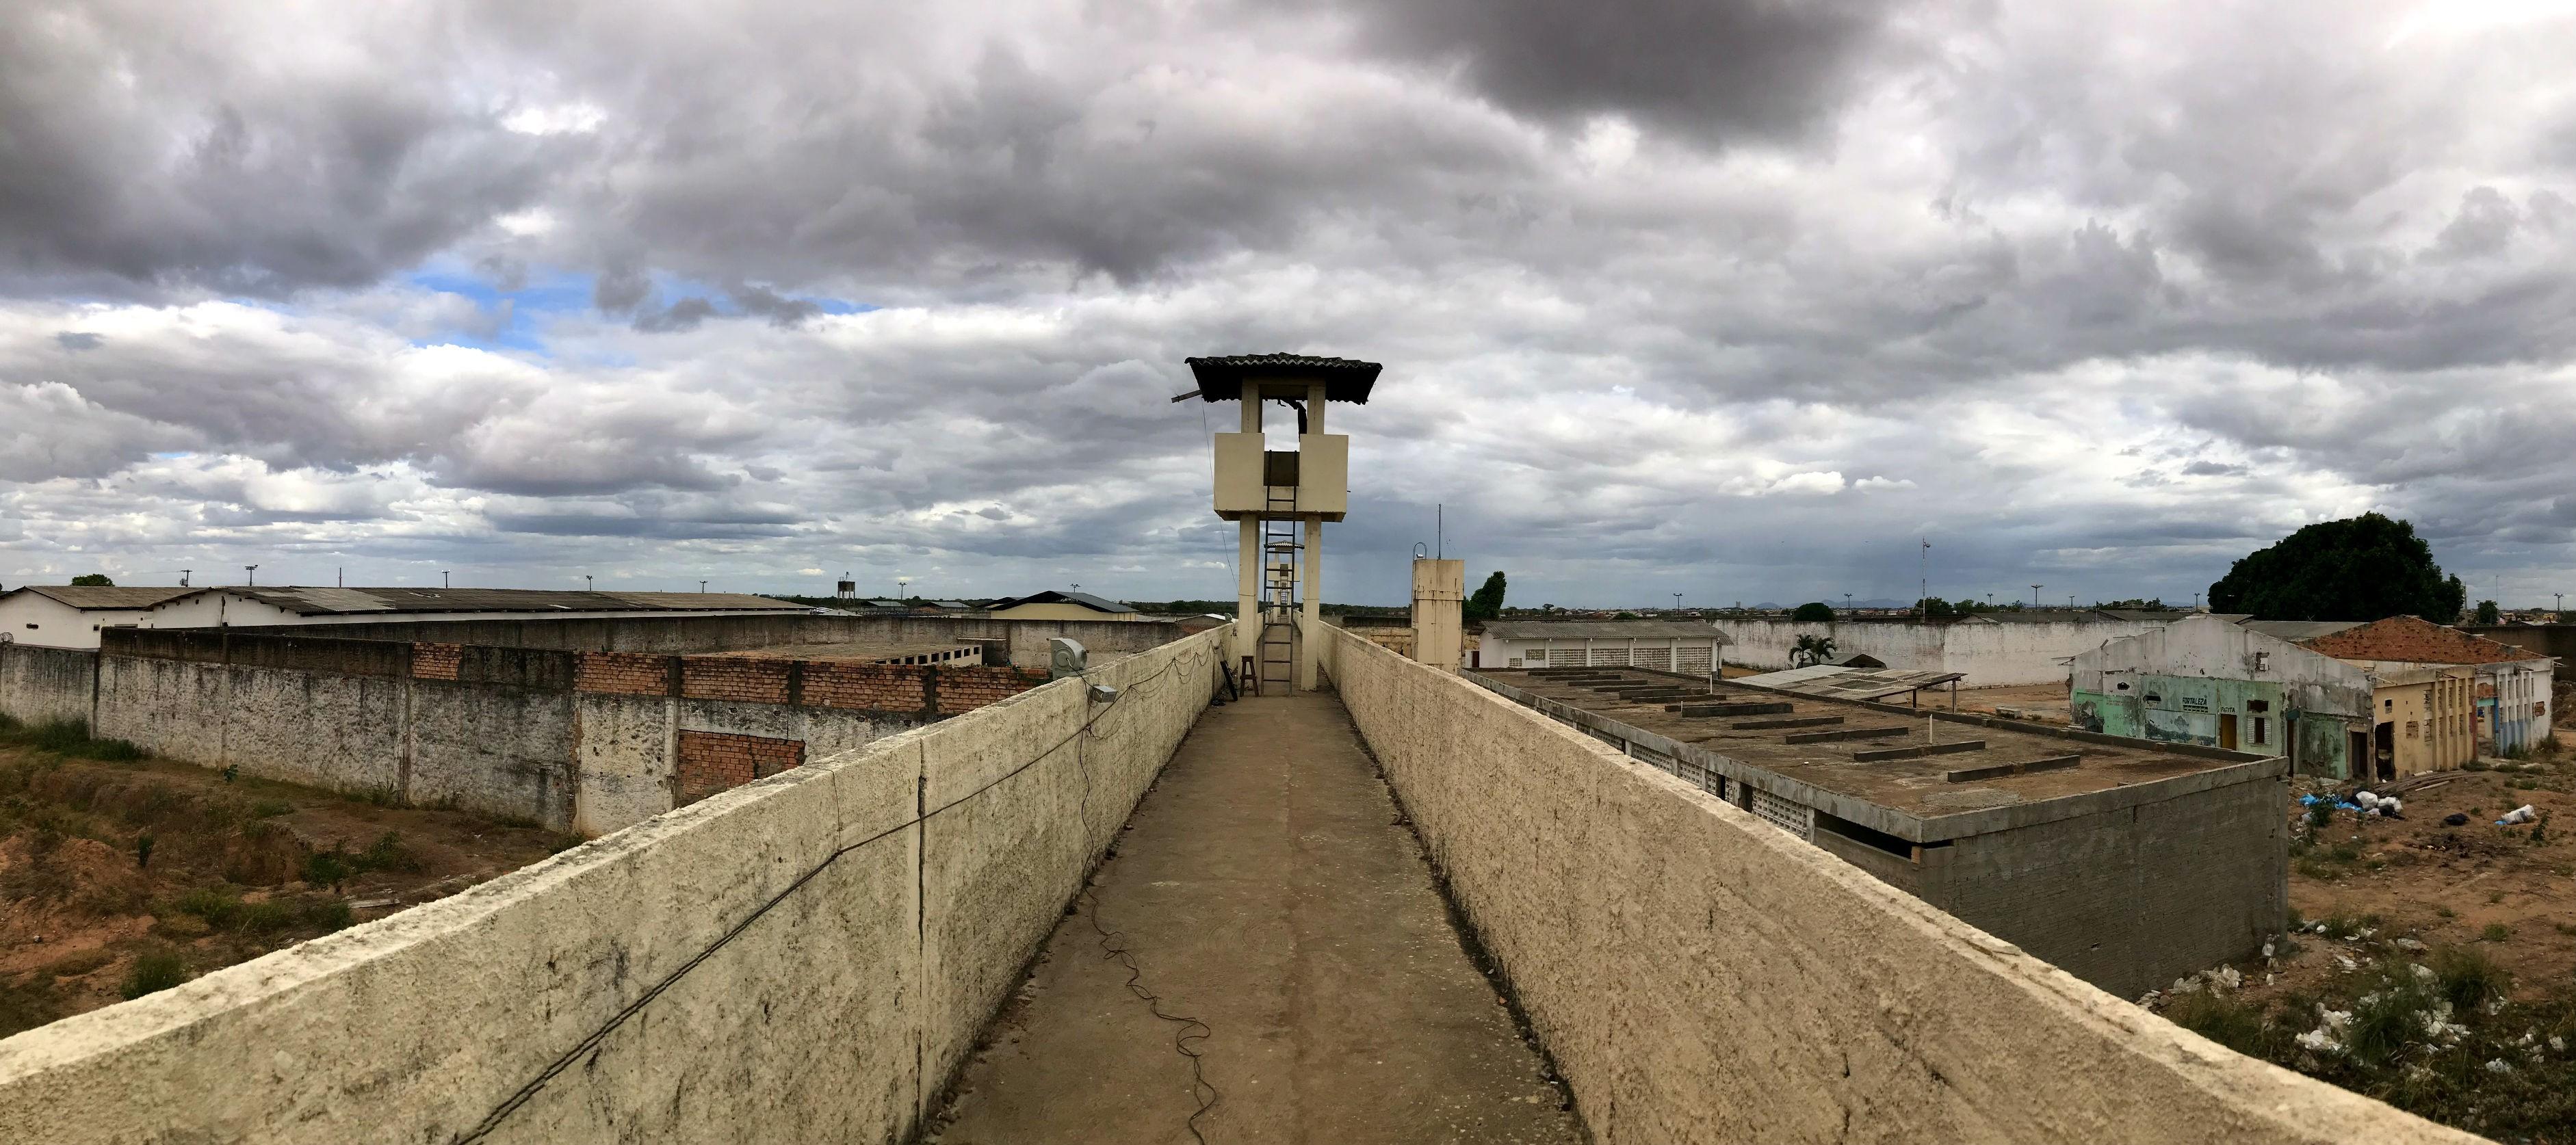 Visitas continuam suspensas em penitenciária de RR após 5 meses da atuação de agentes federais